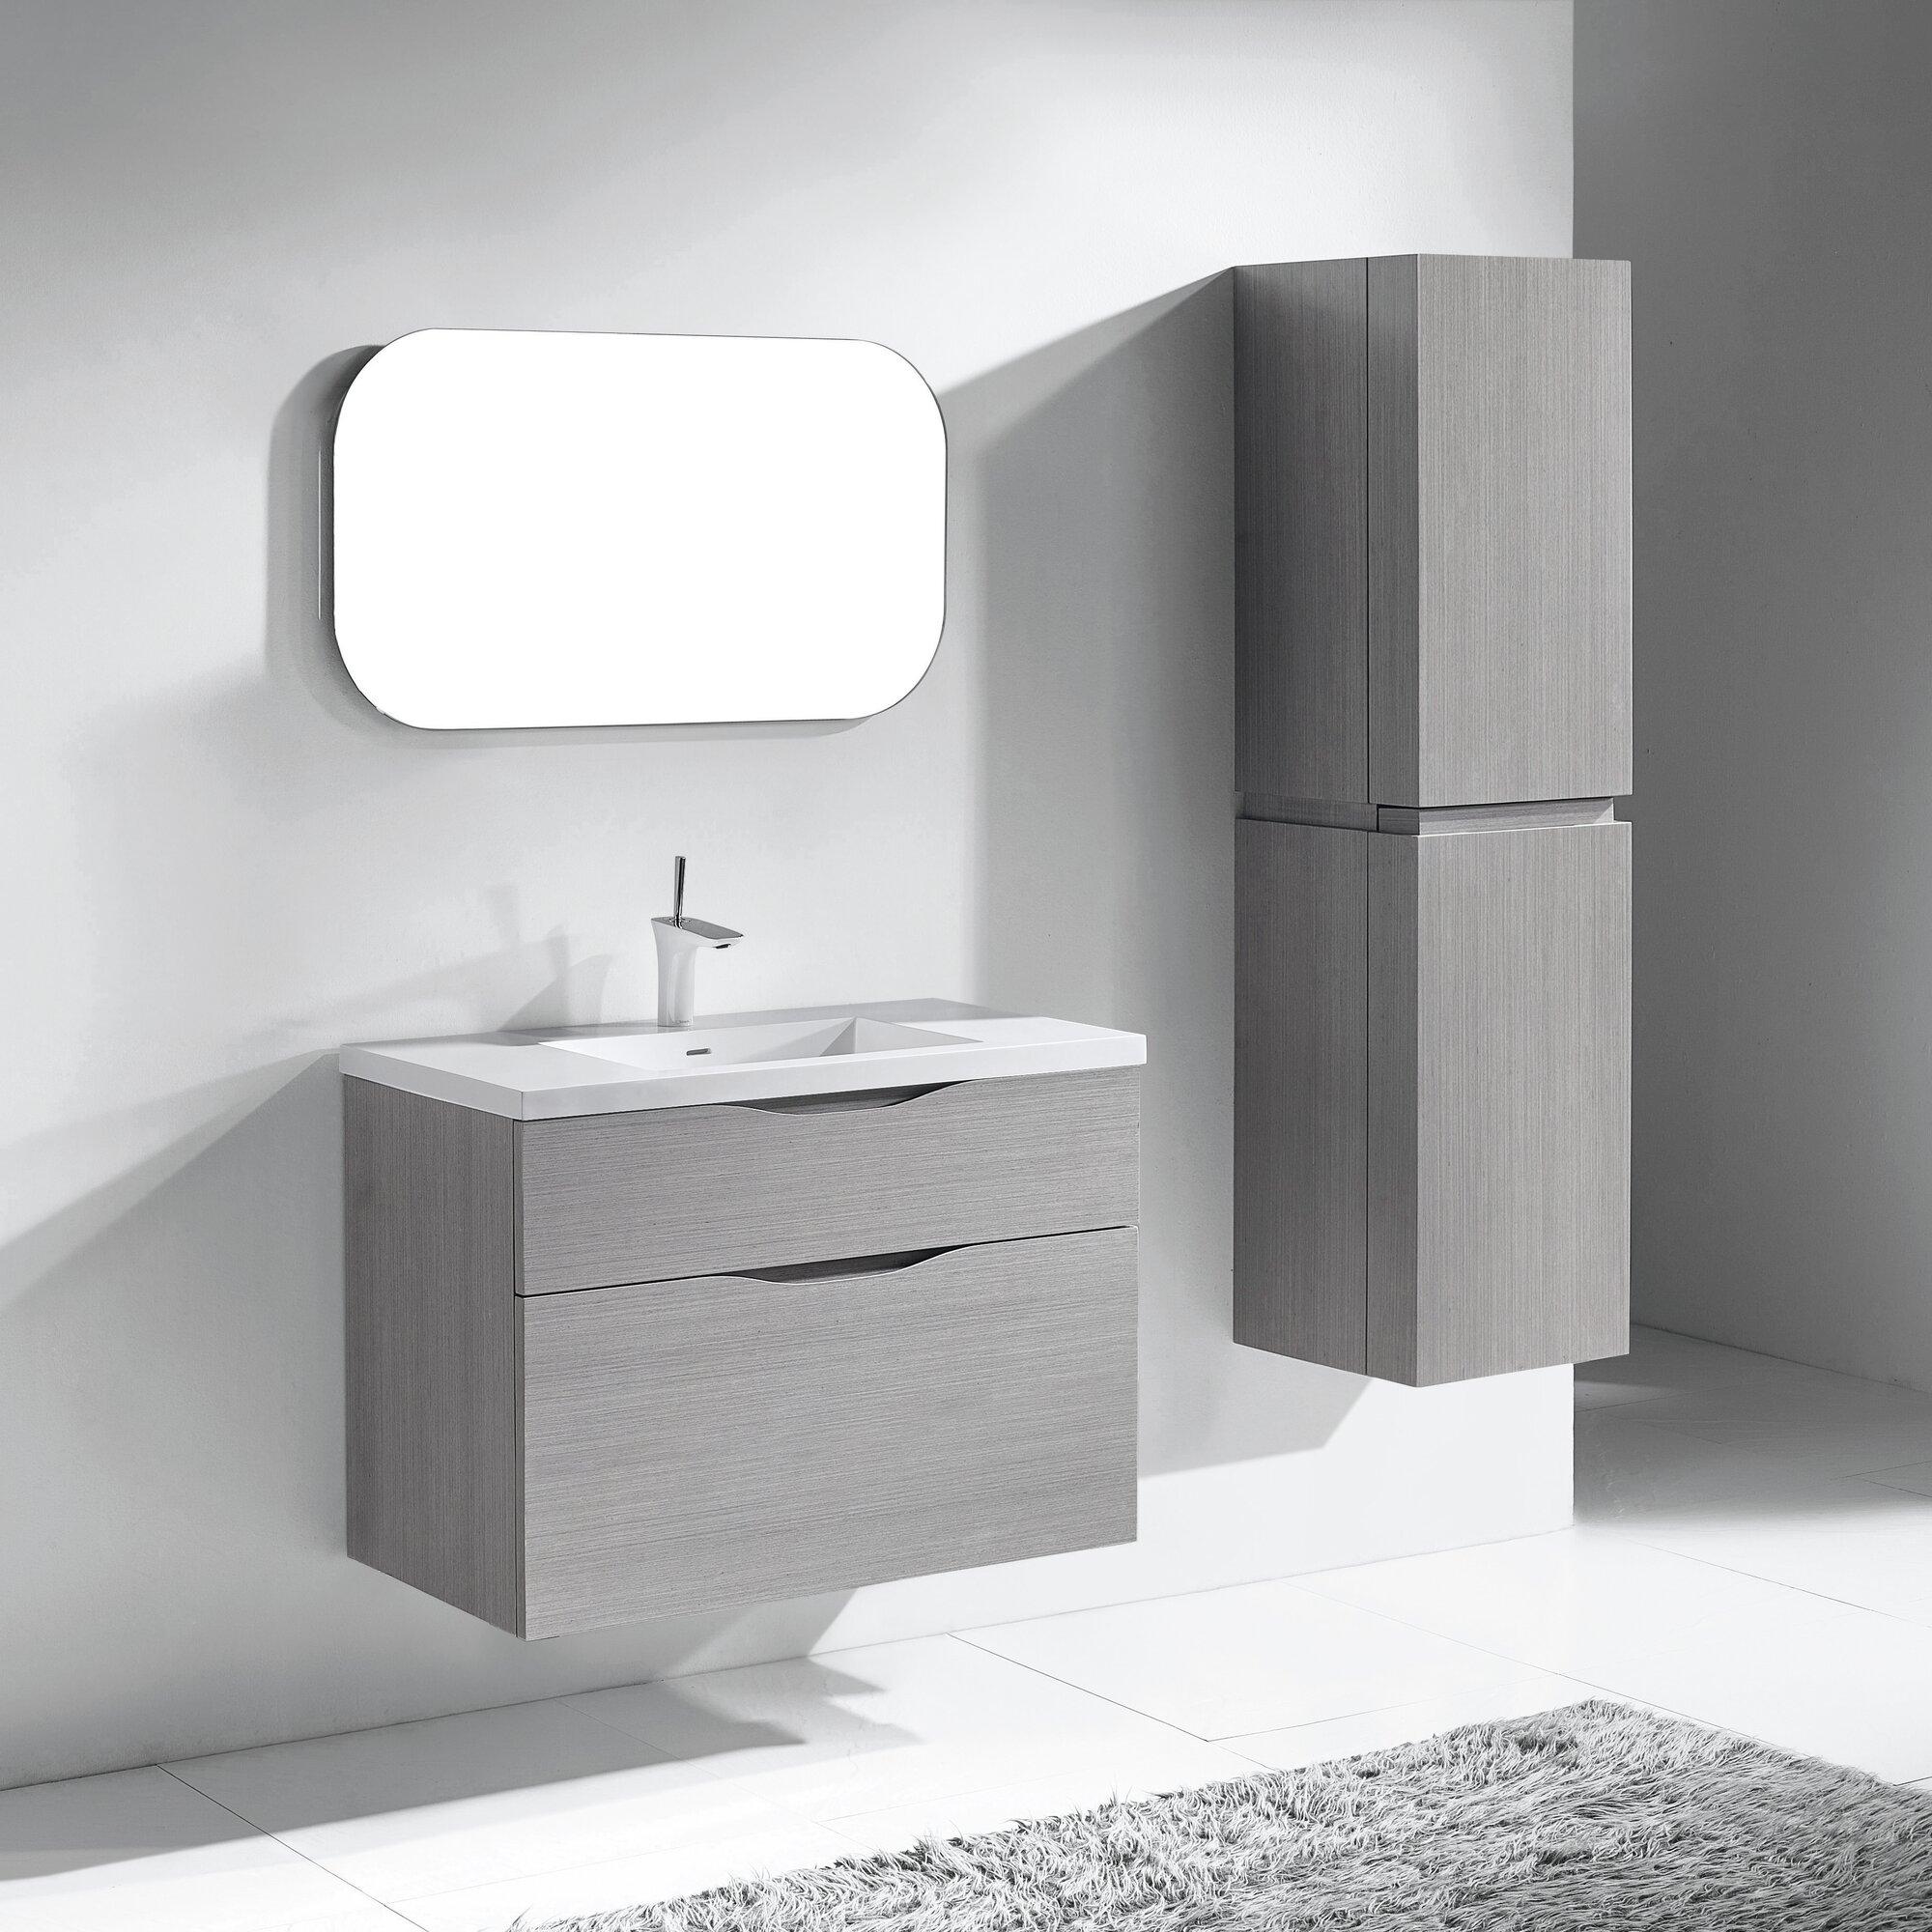 Cosmo Bathroom Accessories - Bolano 36 single bathroom vanity set